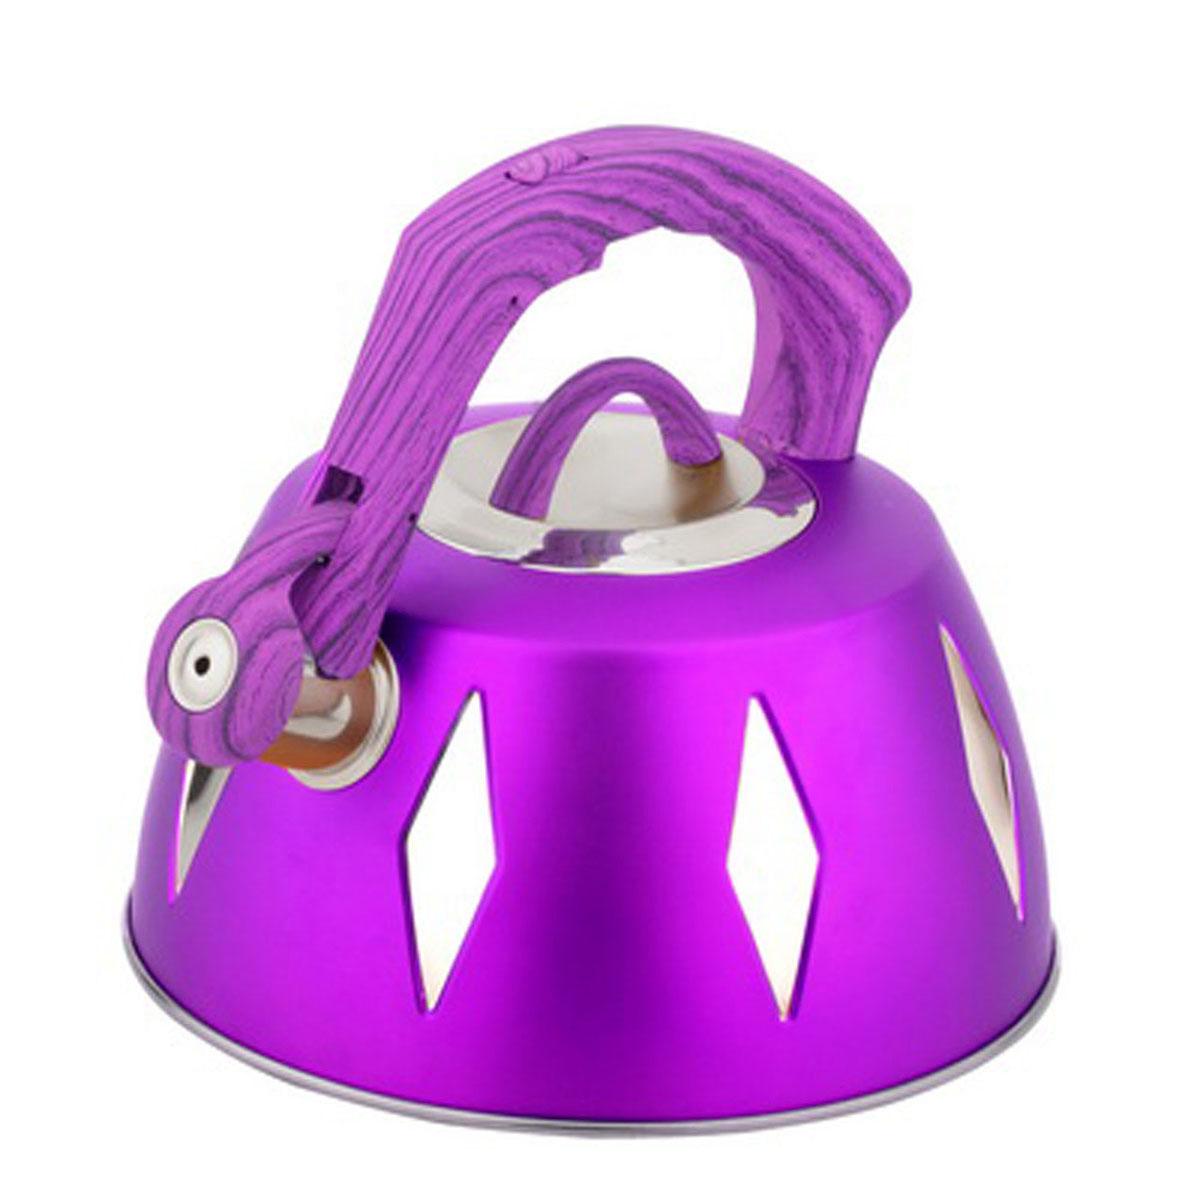 Чайник Bohmann со свистком, 3,5 л, цвет: фиолетовый9968BHNEW_фиолетовыйЧайник Bohmann изготовлен из высококачественной нержавеющей стали с цветным матовым покрытием. Нержавеющая сталь - материал, из которого в течение нескольких десятилетий во всем мире производятся столовые приборы, кухонные инструменты и различные аксессуары. Этот материал обладает высокой стойкостью к коррозии и кислотам. Прочность, долговечность и надежность этого материала, а также первоклассная обработка обеспечивают практически неограниченный запас прочности и неизменно привлекательный внешний вид. Капсульное дно позволяет изделию быстро нагреваться и дольше сохранять тепло. Чайник оснащен фиксированной прорезиненной цветной ручкой, что предотвращает появление ожогов и обеспечивает безопасность использования. Носик чайника имеет откидной свисток, который подскажет, когда вода закипела. Можно использовать на газовых, электрических, галогенных, стеклокерамических, индукционных плитах. Можно мыть в посудомоечной машине. Высота чайника (без учета ручки и крышки):...